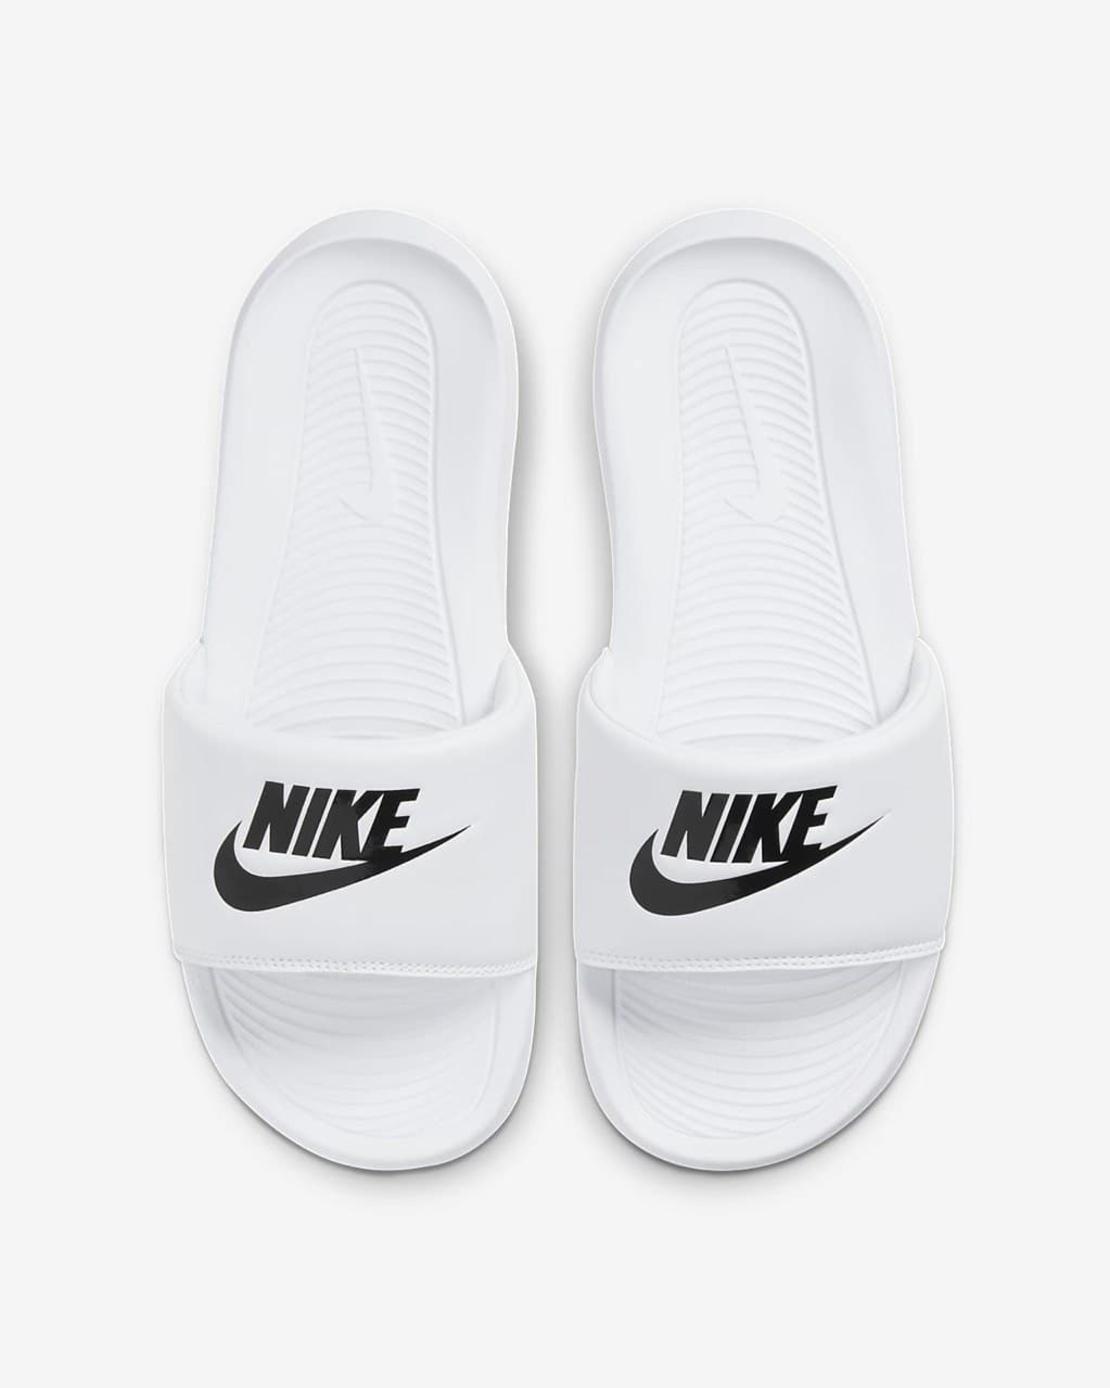 כפכף נייק גברים | Nike Victori One Men's Slide